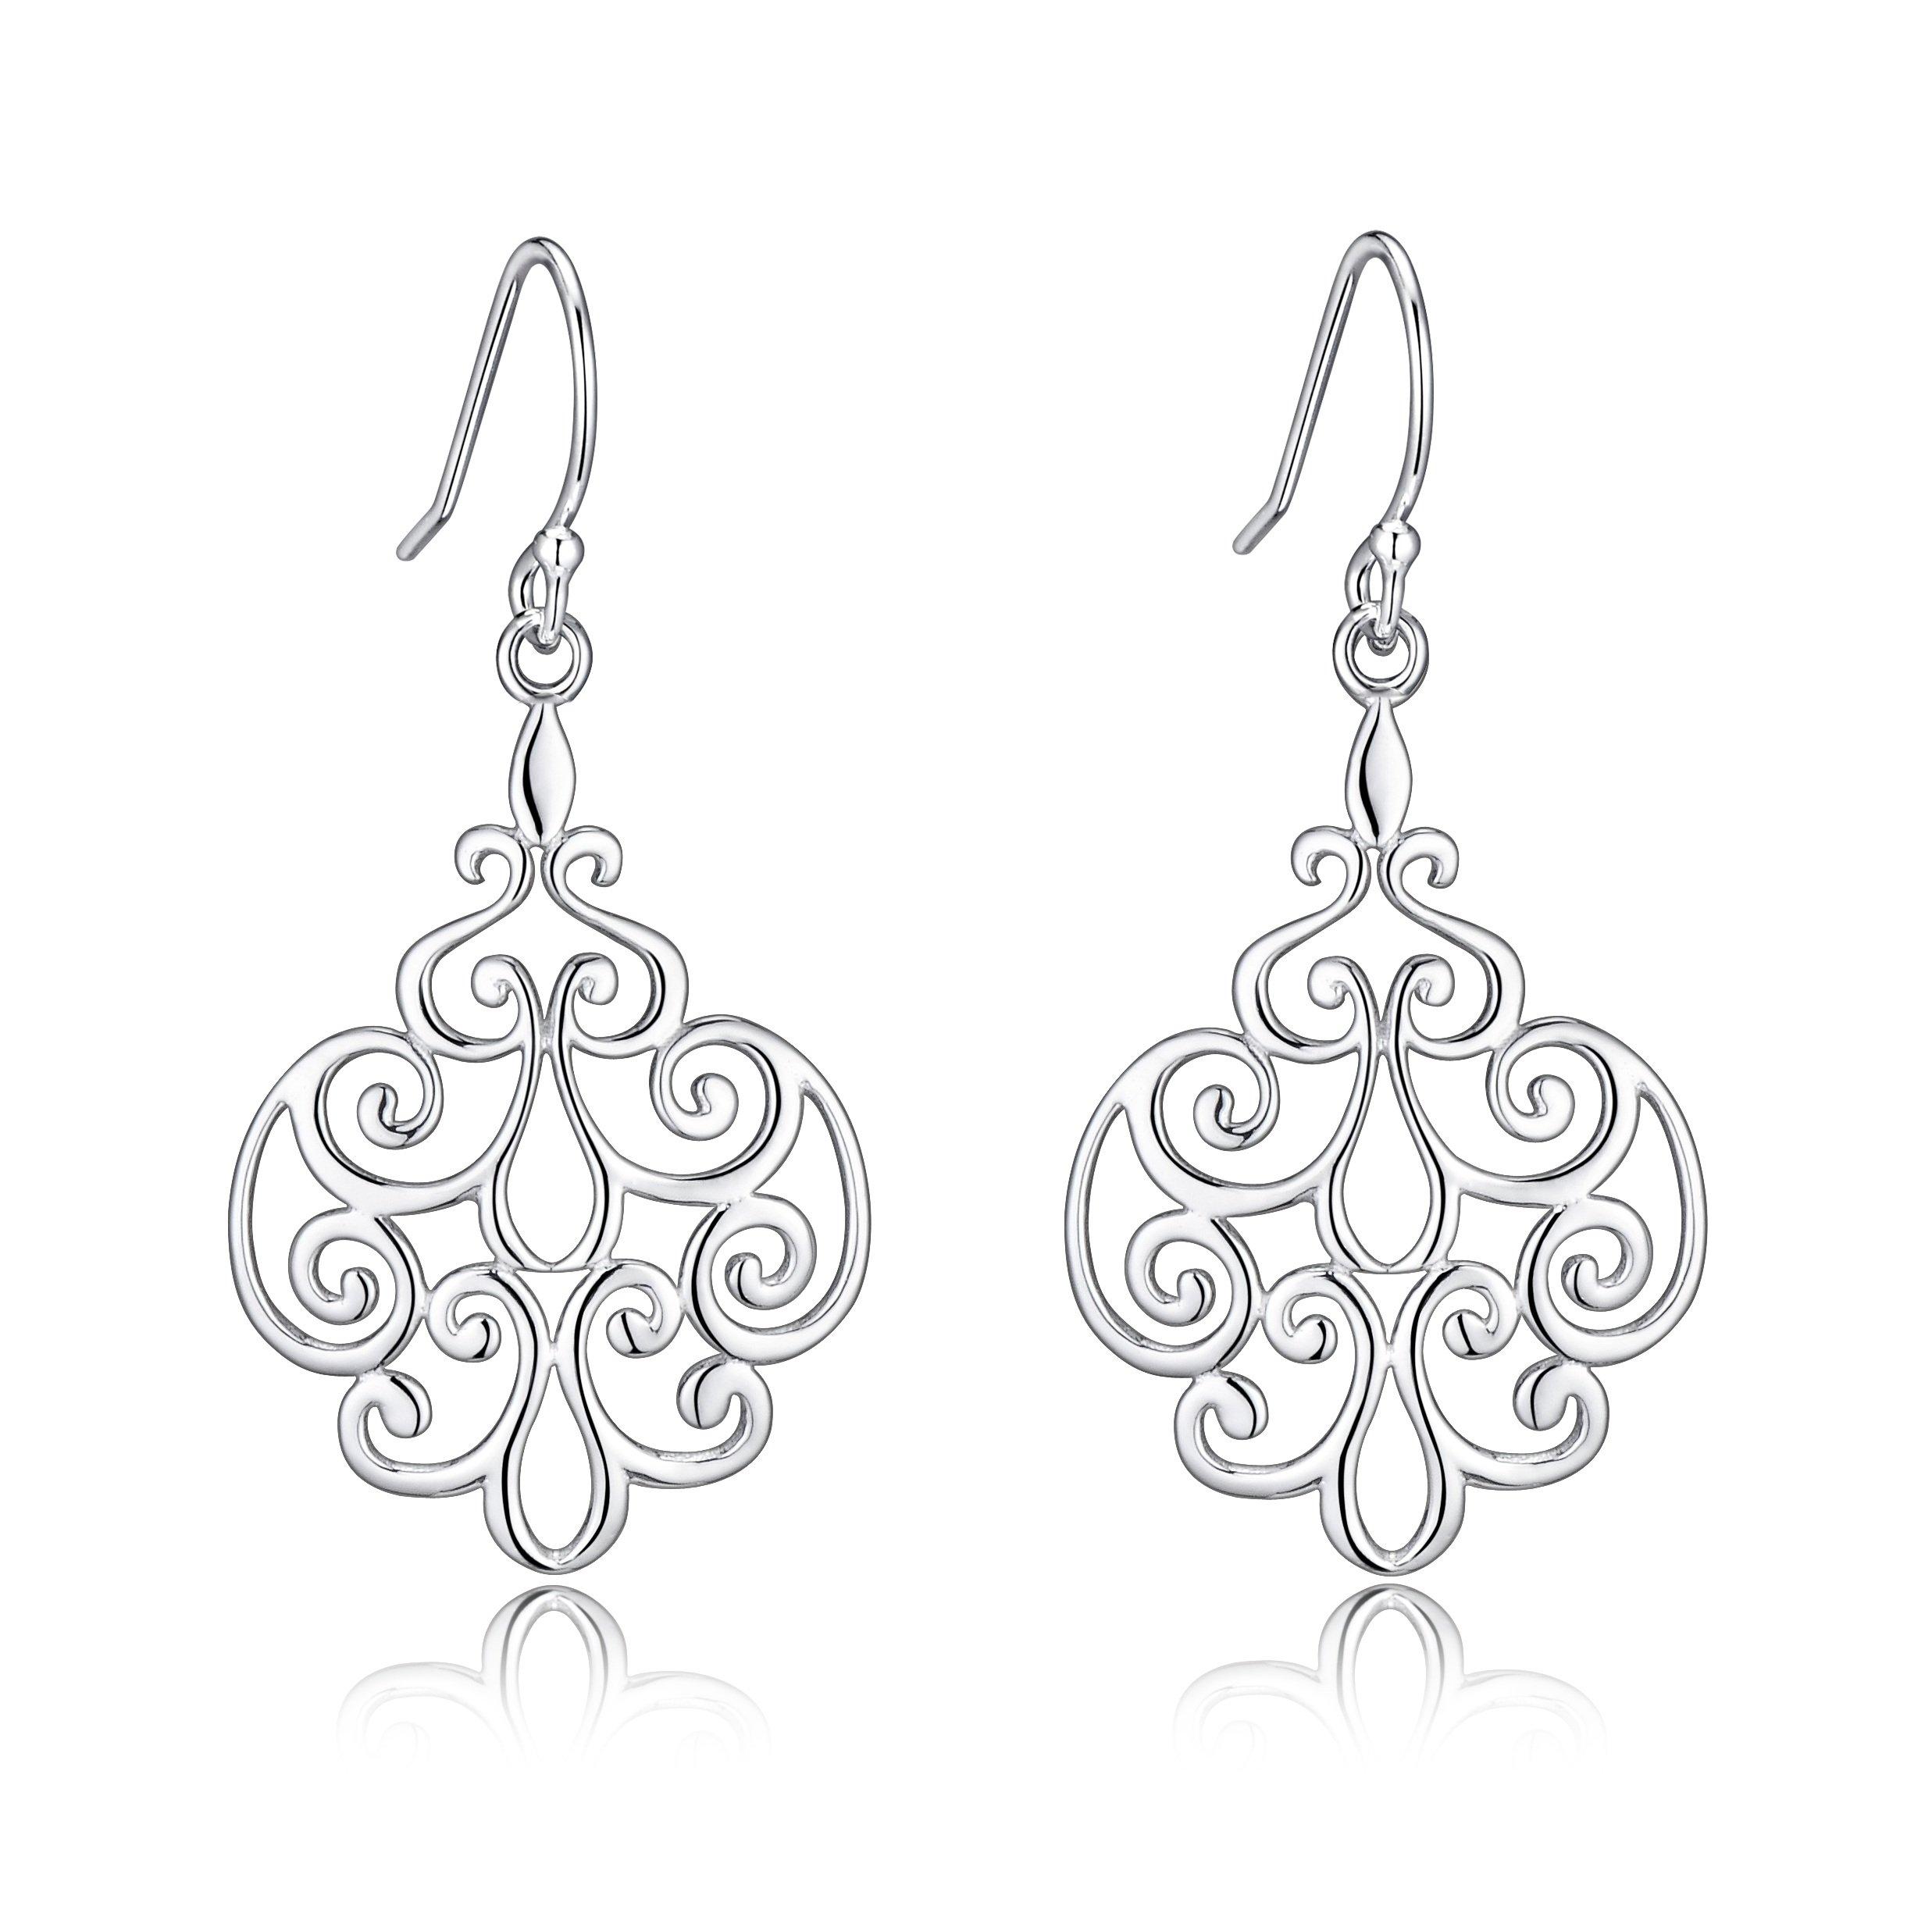 Sterling Silver Filigree Dangle Drop Chandelier Earrings For Sensitive Ears By Renaissance Jewelry by RSJewel